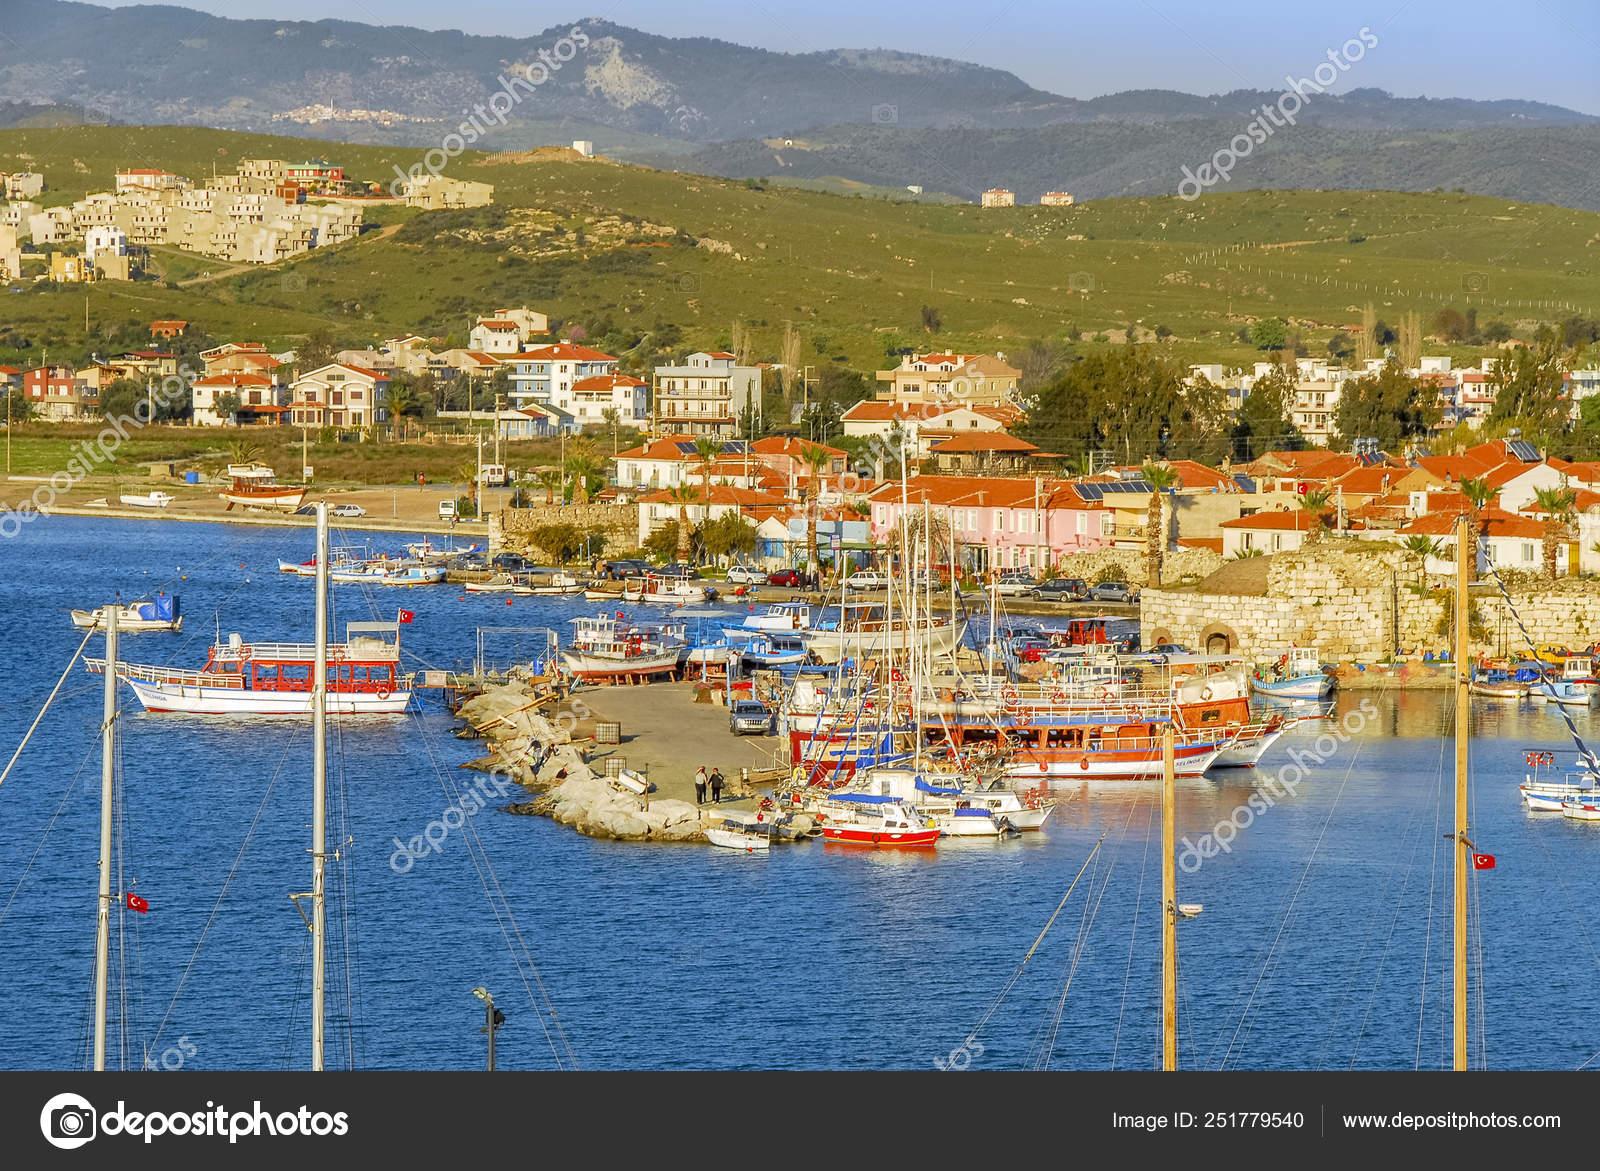 Izmir Turkey 3 April 2010 Cost Of Sigacik With Sailboats Stock Editorial Photo C Kbfotolar Gmail Com 251779540